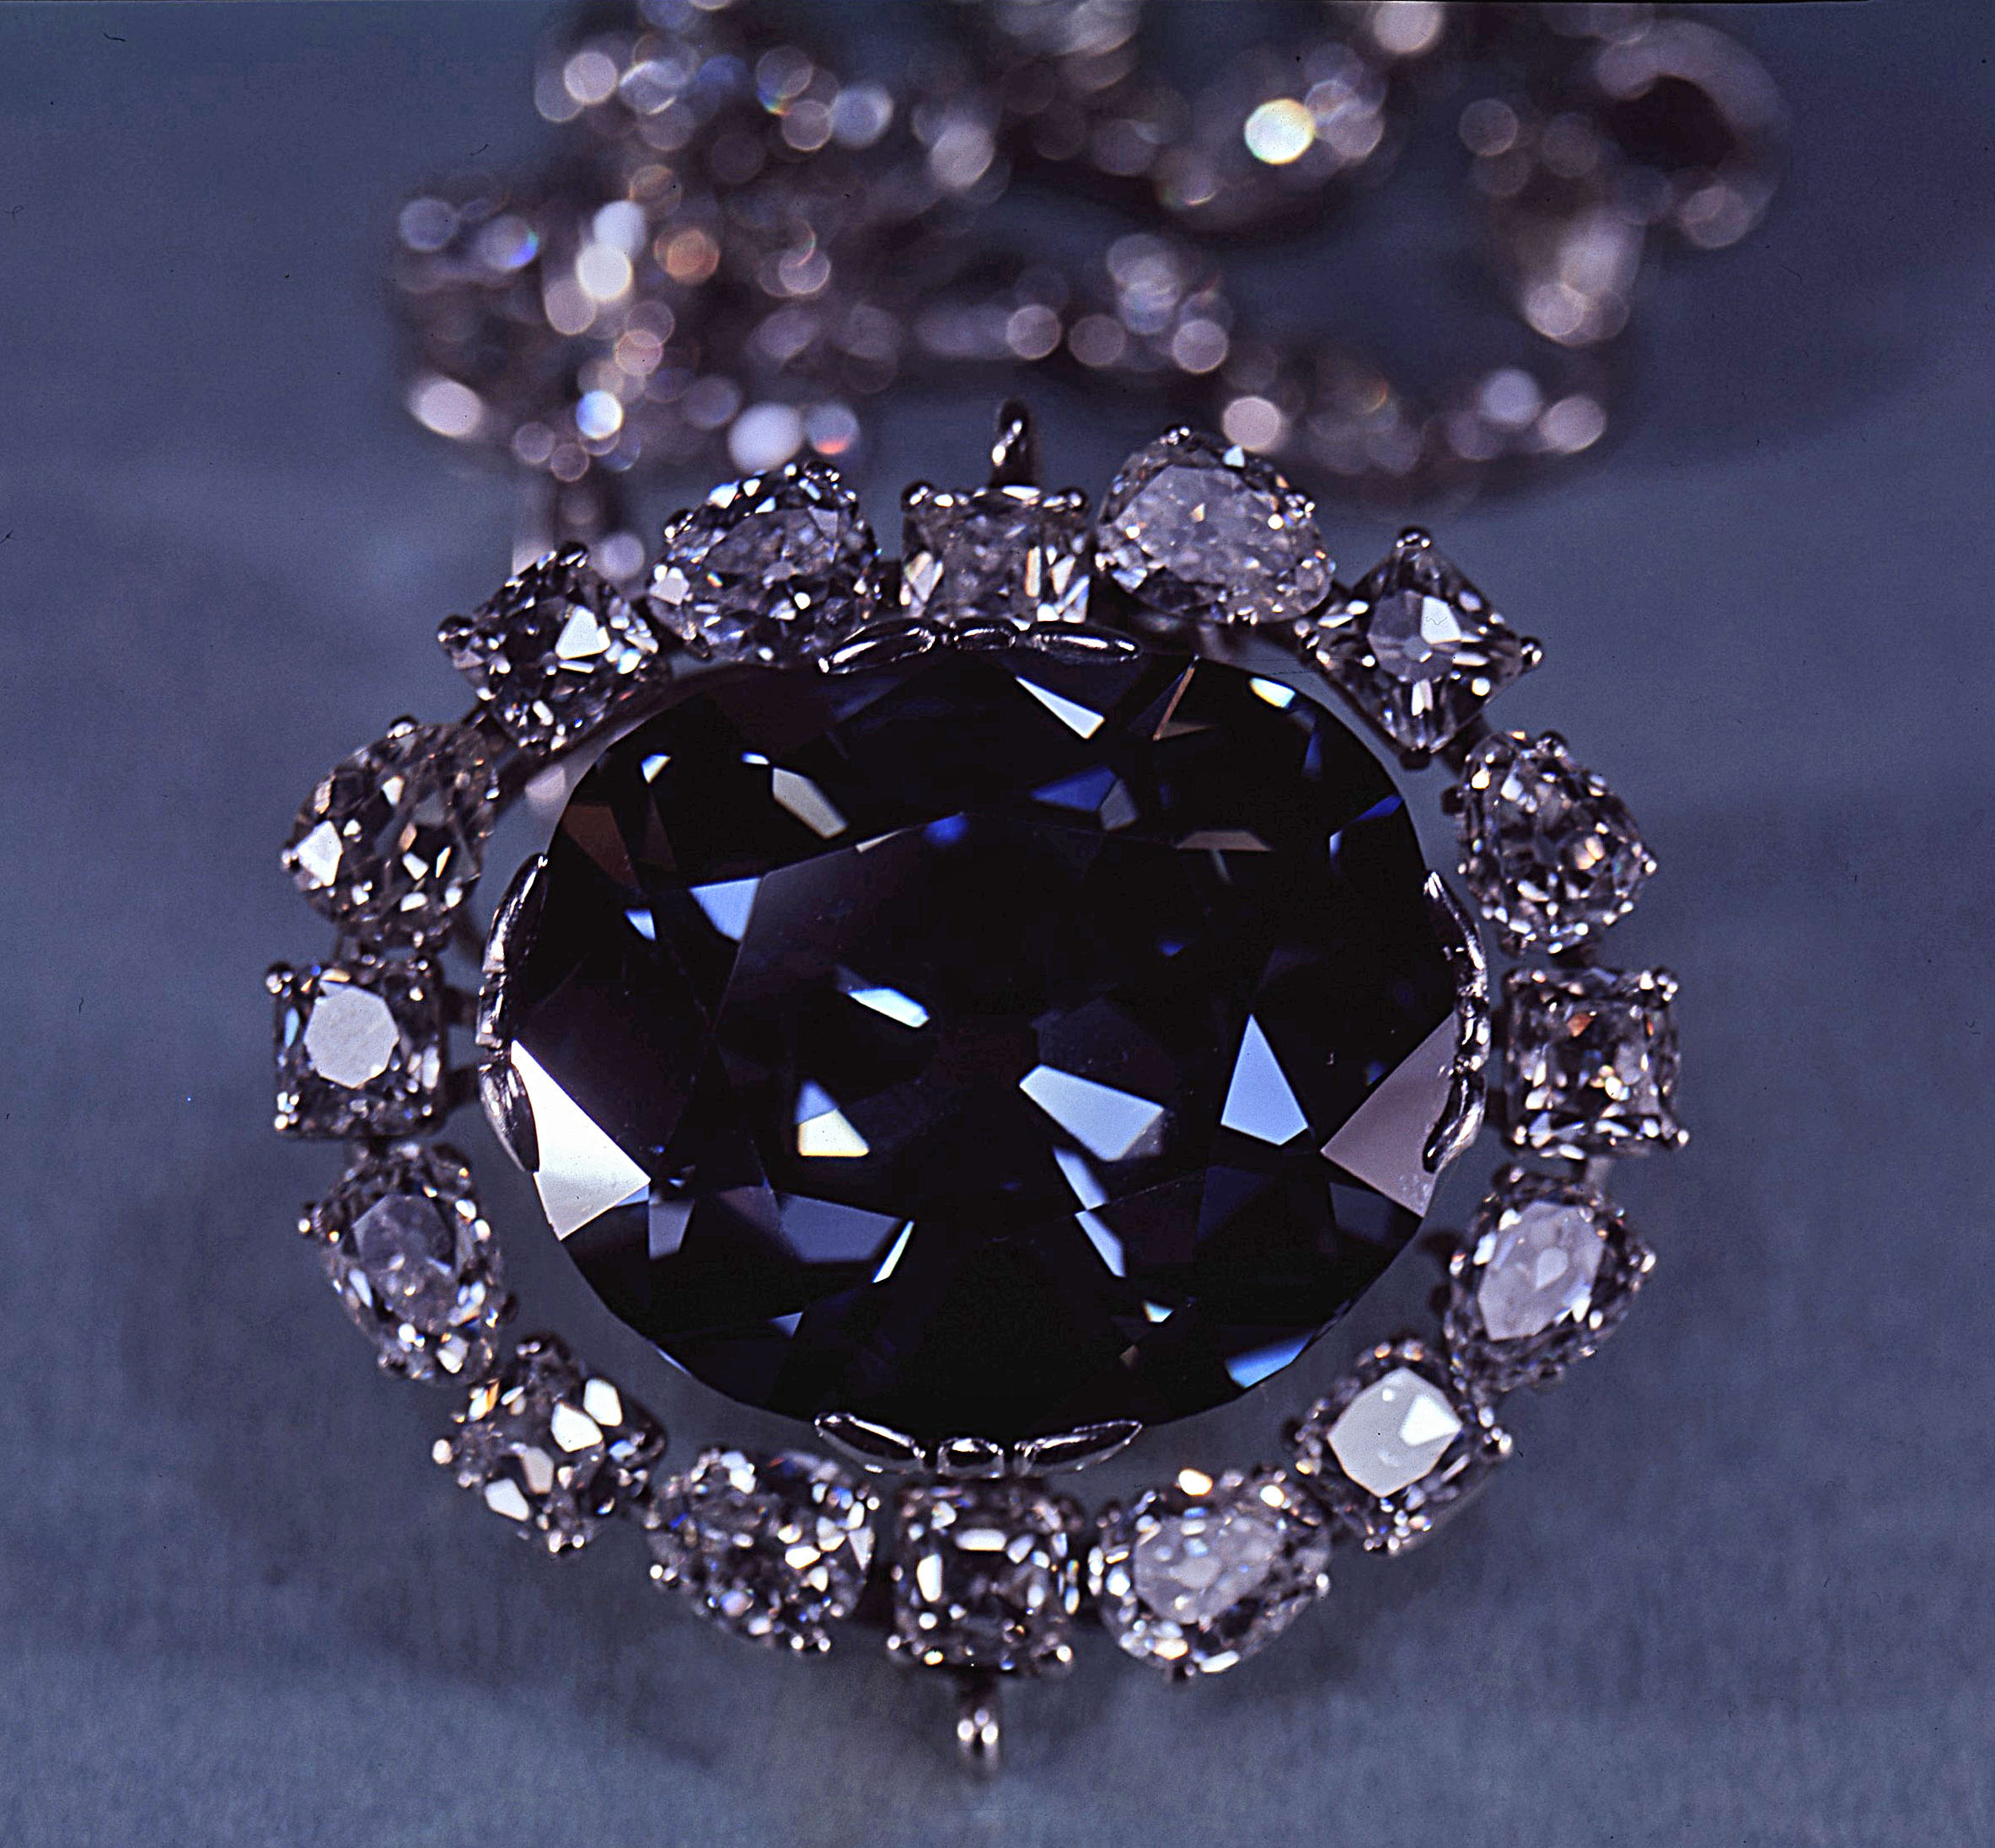 La maledizione del Diamante Hope, Blu di Francia